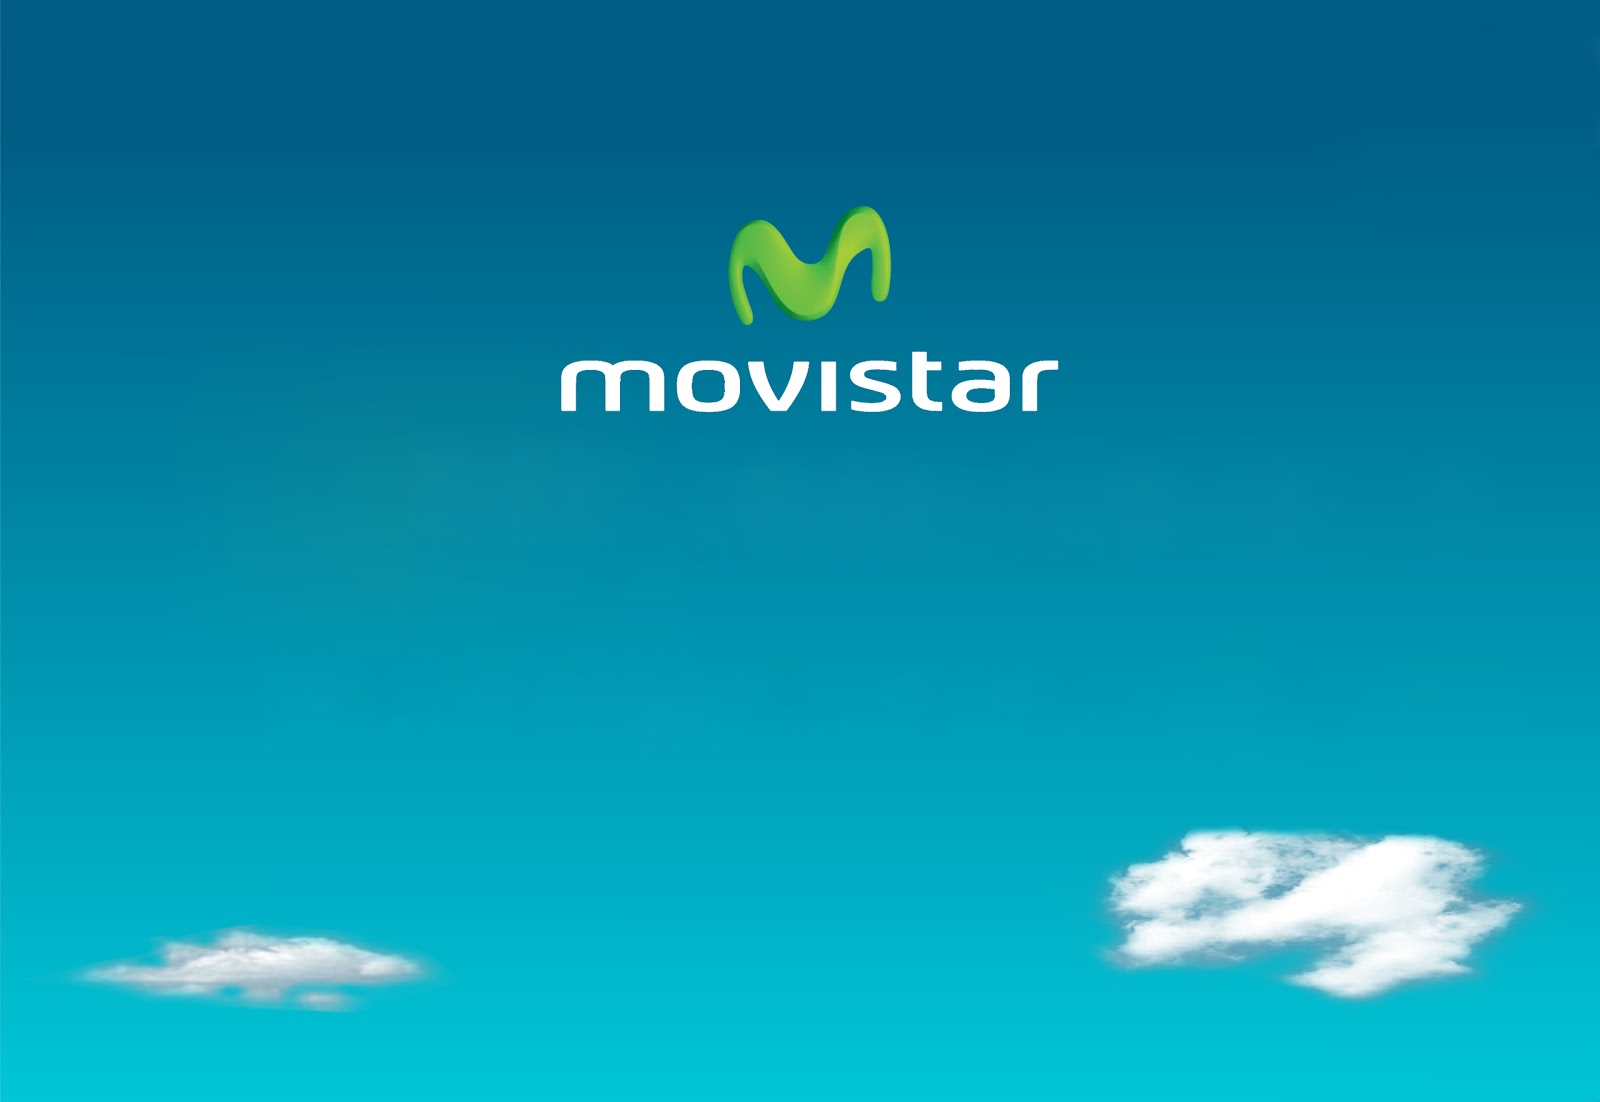 Tutoriales De Photoshop Y Coreldraw Fondo Movistar Con Logo